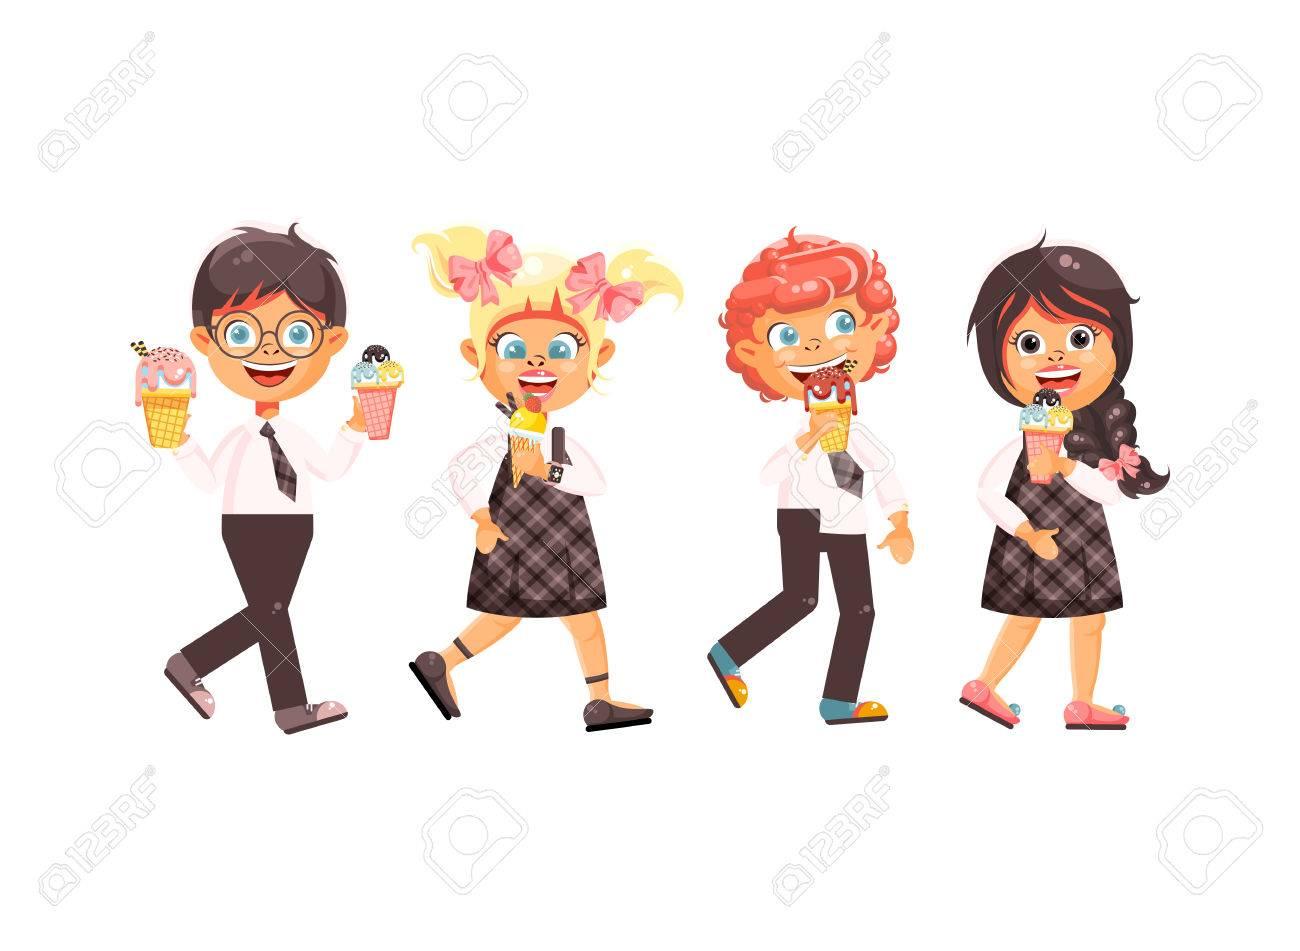 bd99e16f8cd Ilustración vectorial dibujos animados personajes aislados niños, alumnos,  colegiales, colegialas comen helado,